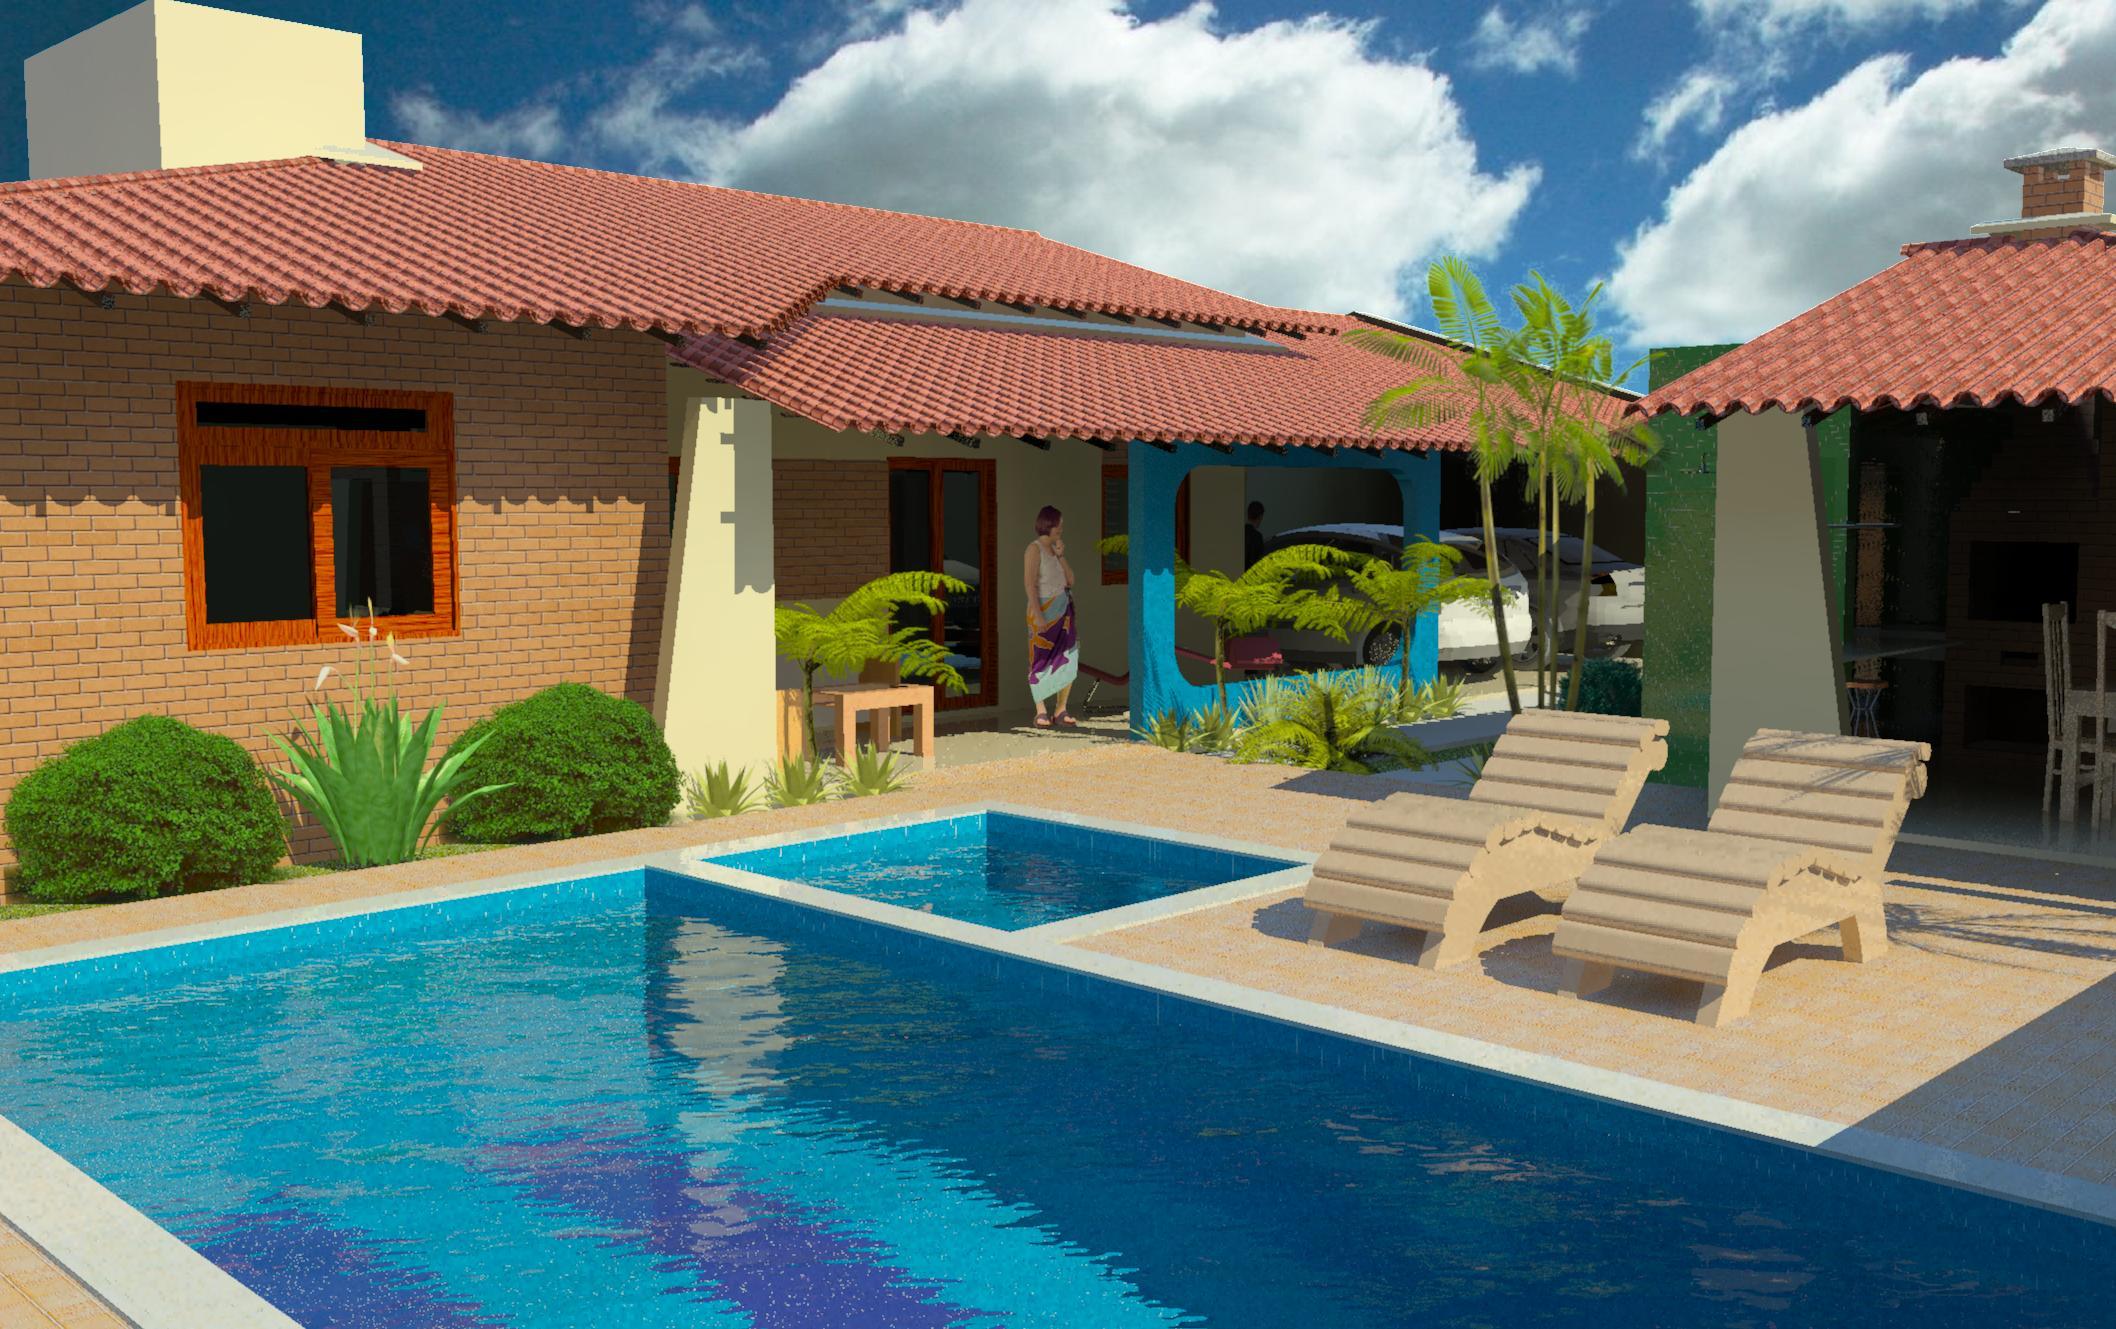 Casa com piscina descubra o conforto que pode causar for Piscinas para armar en casa